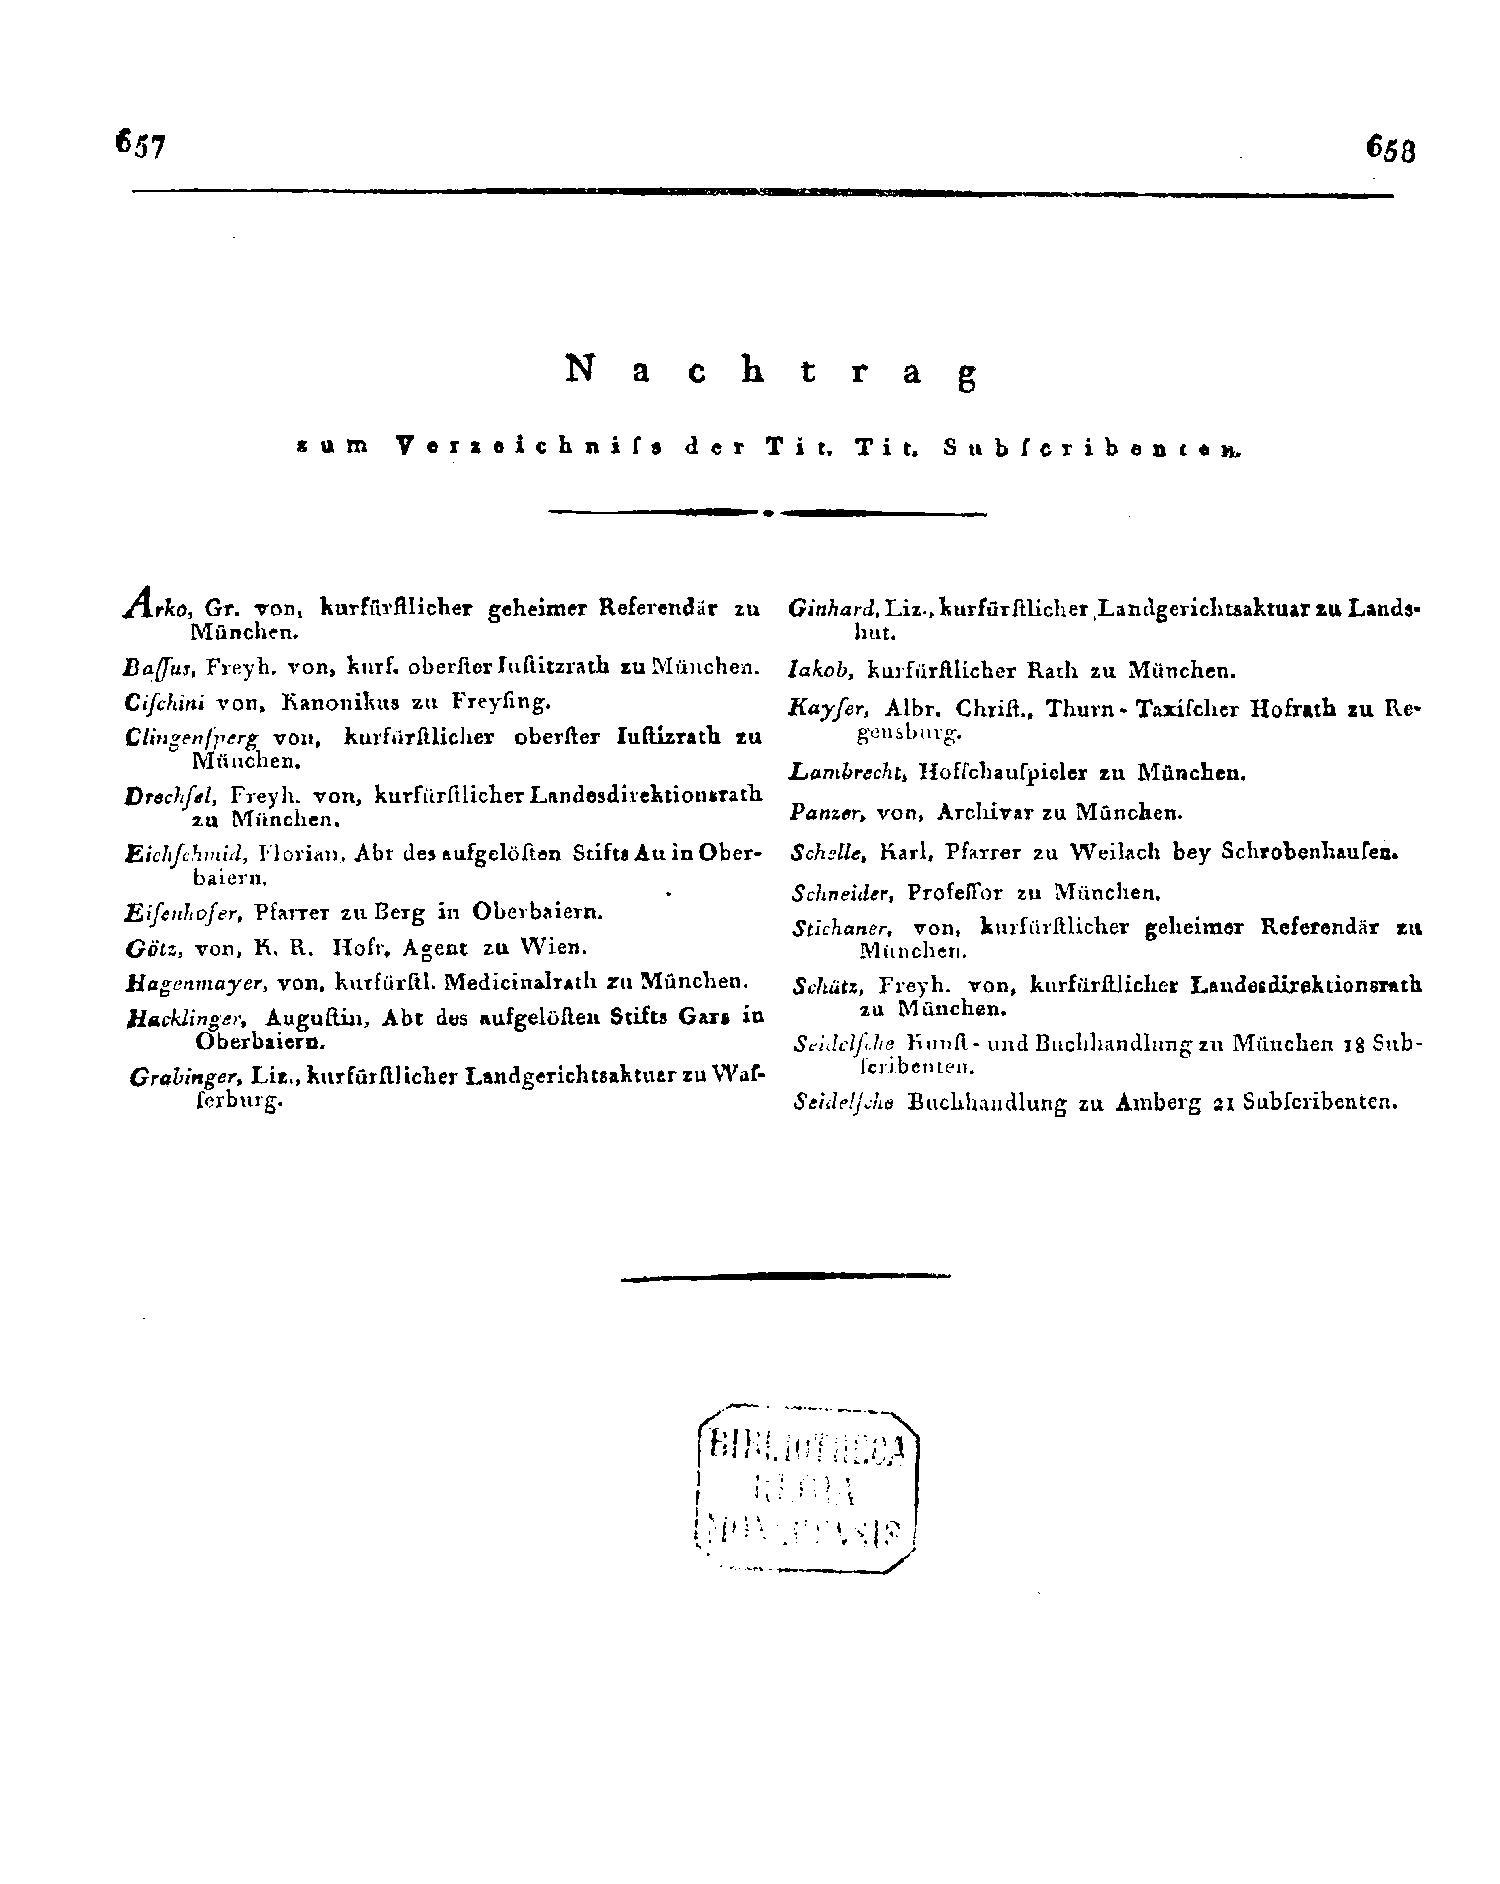 Nachtrag zum Verzeichnis der Tit. Tit. Subcribenten